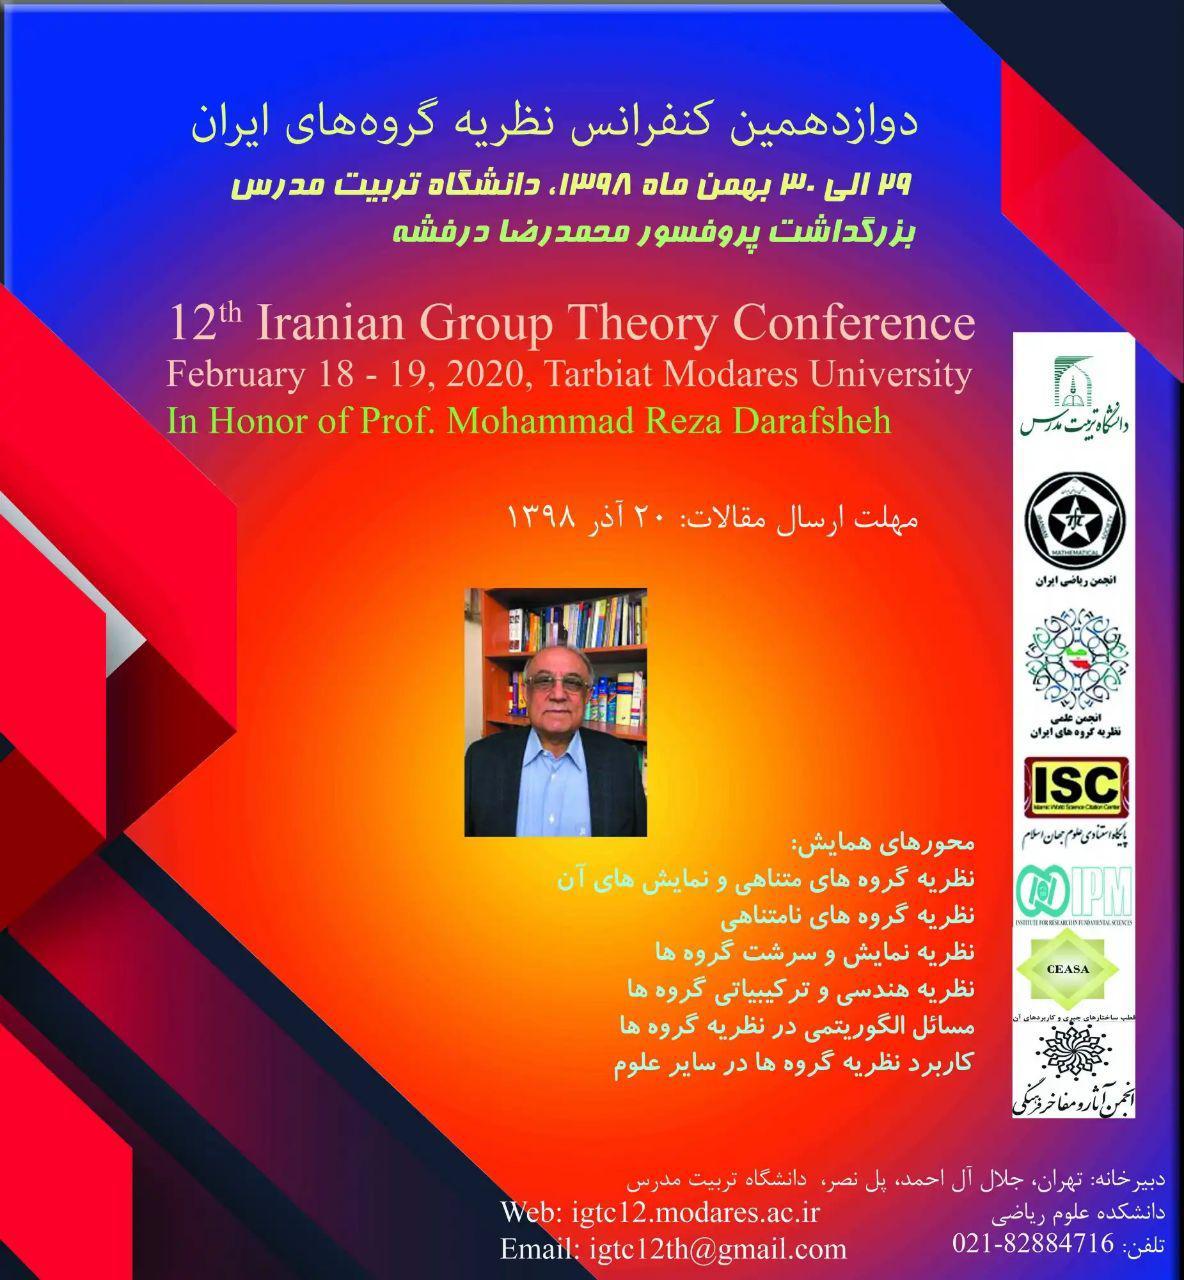 دوازدهمین کنفرانس نظریه گروههای ایران